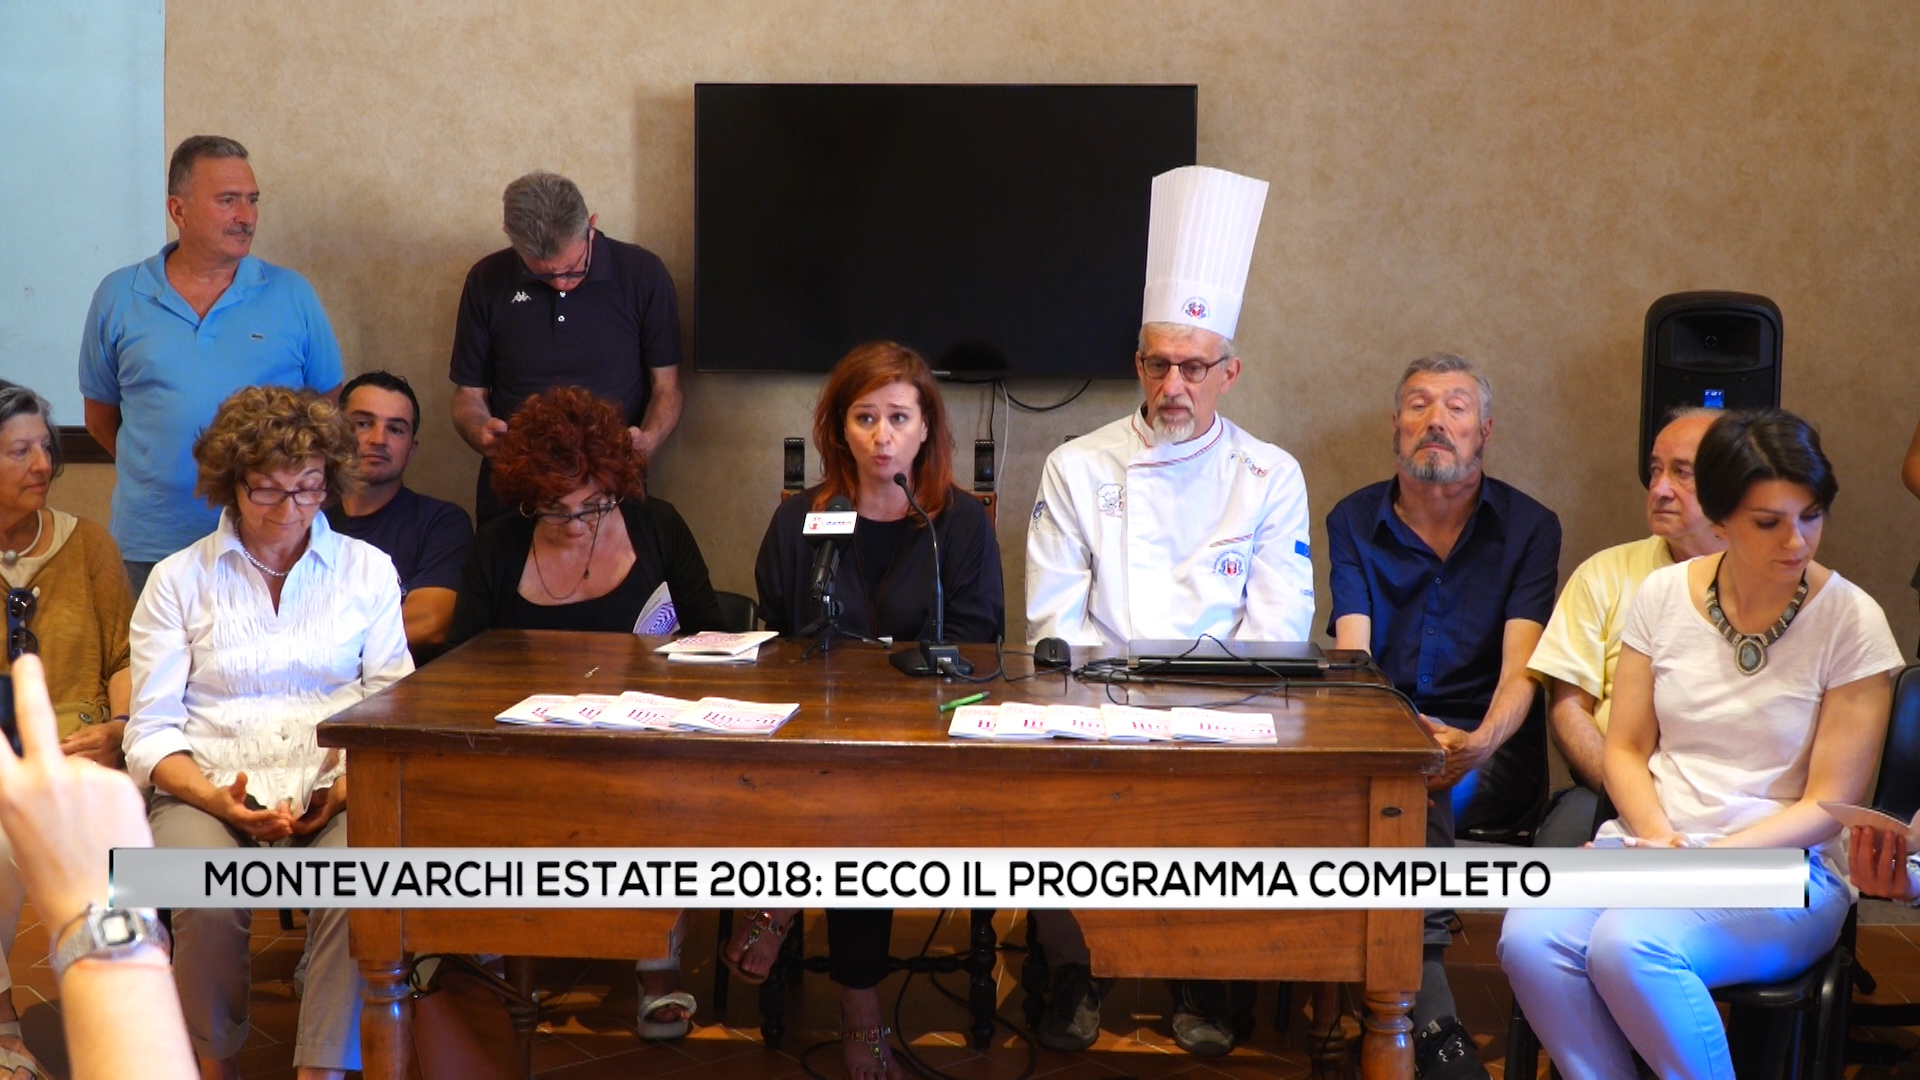 Montevarchi Estate 2018: ecco il programma completo